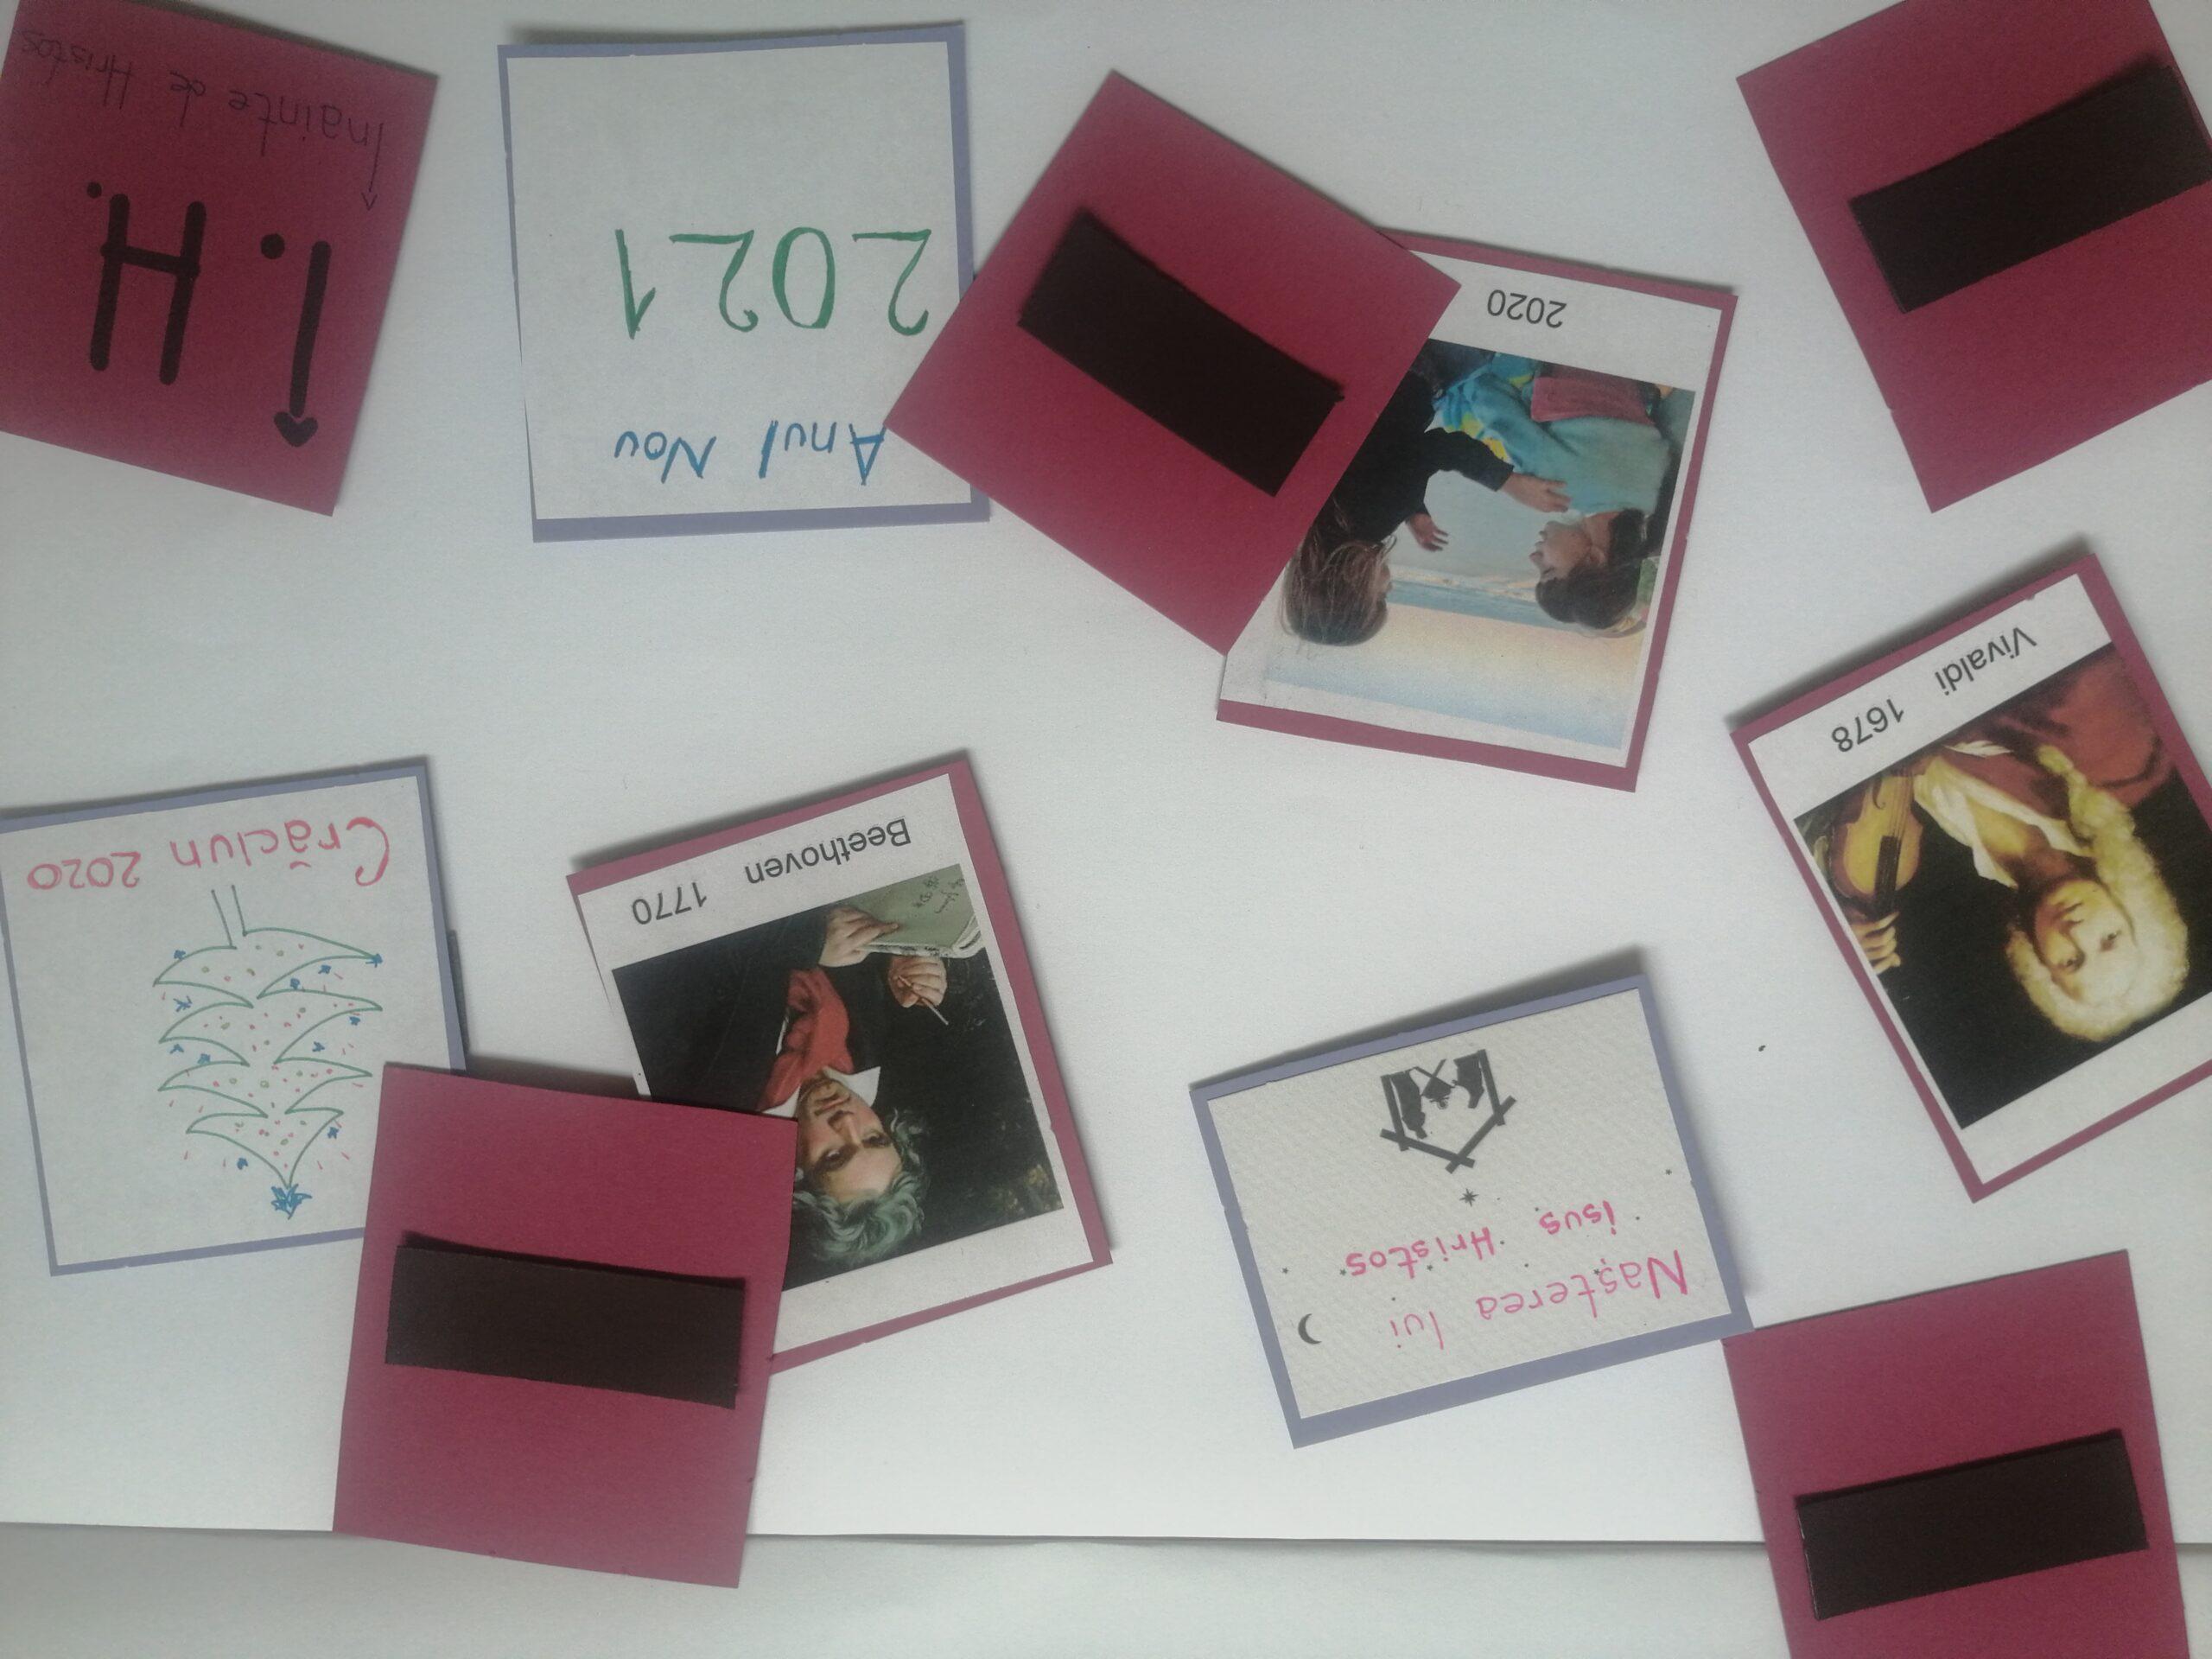 cartonașe pe care sunt printate portrete de compozitori și portrete ale copiilor